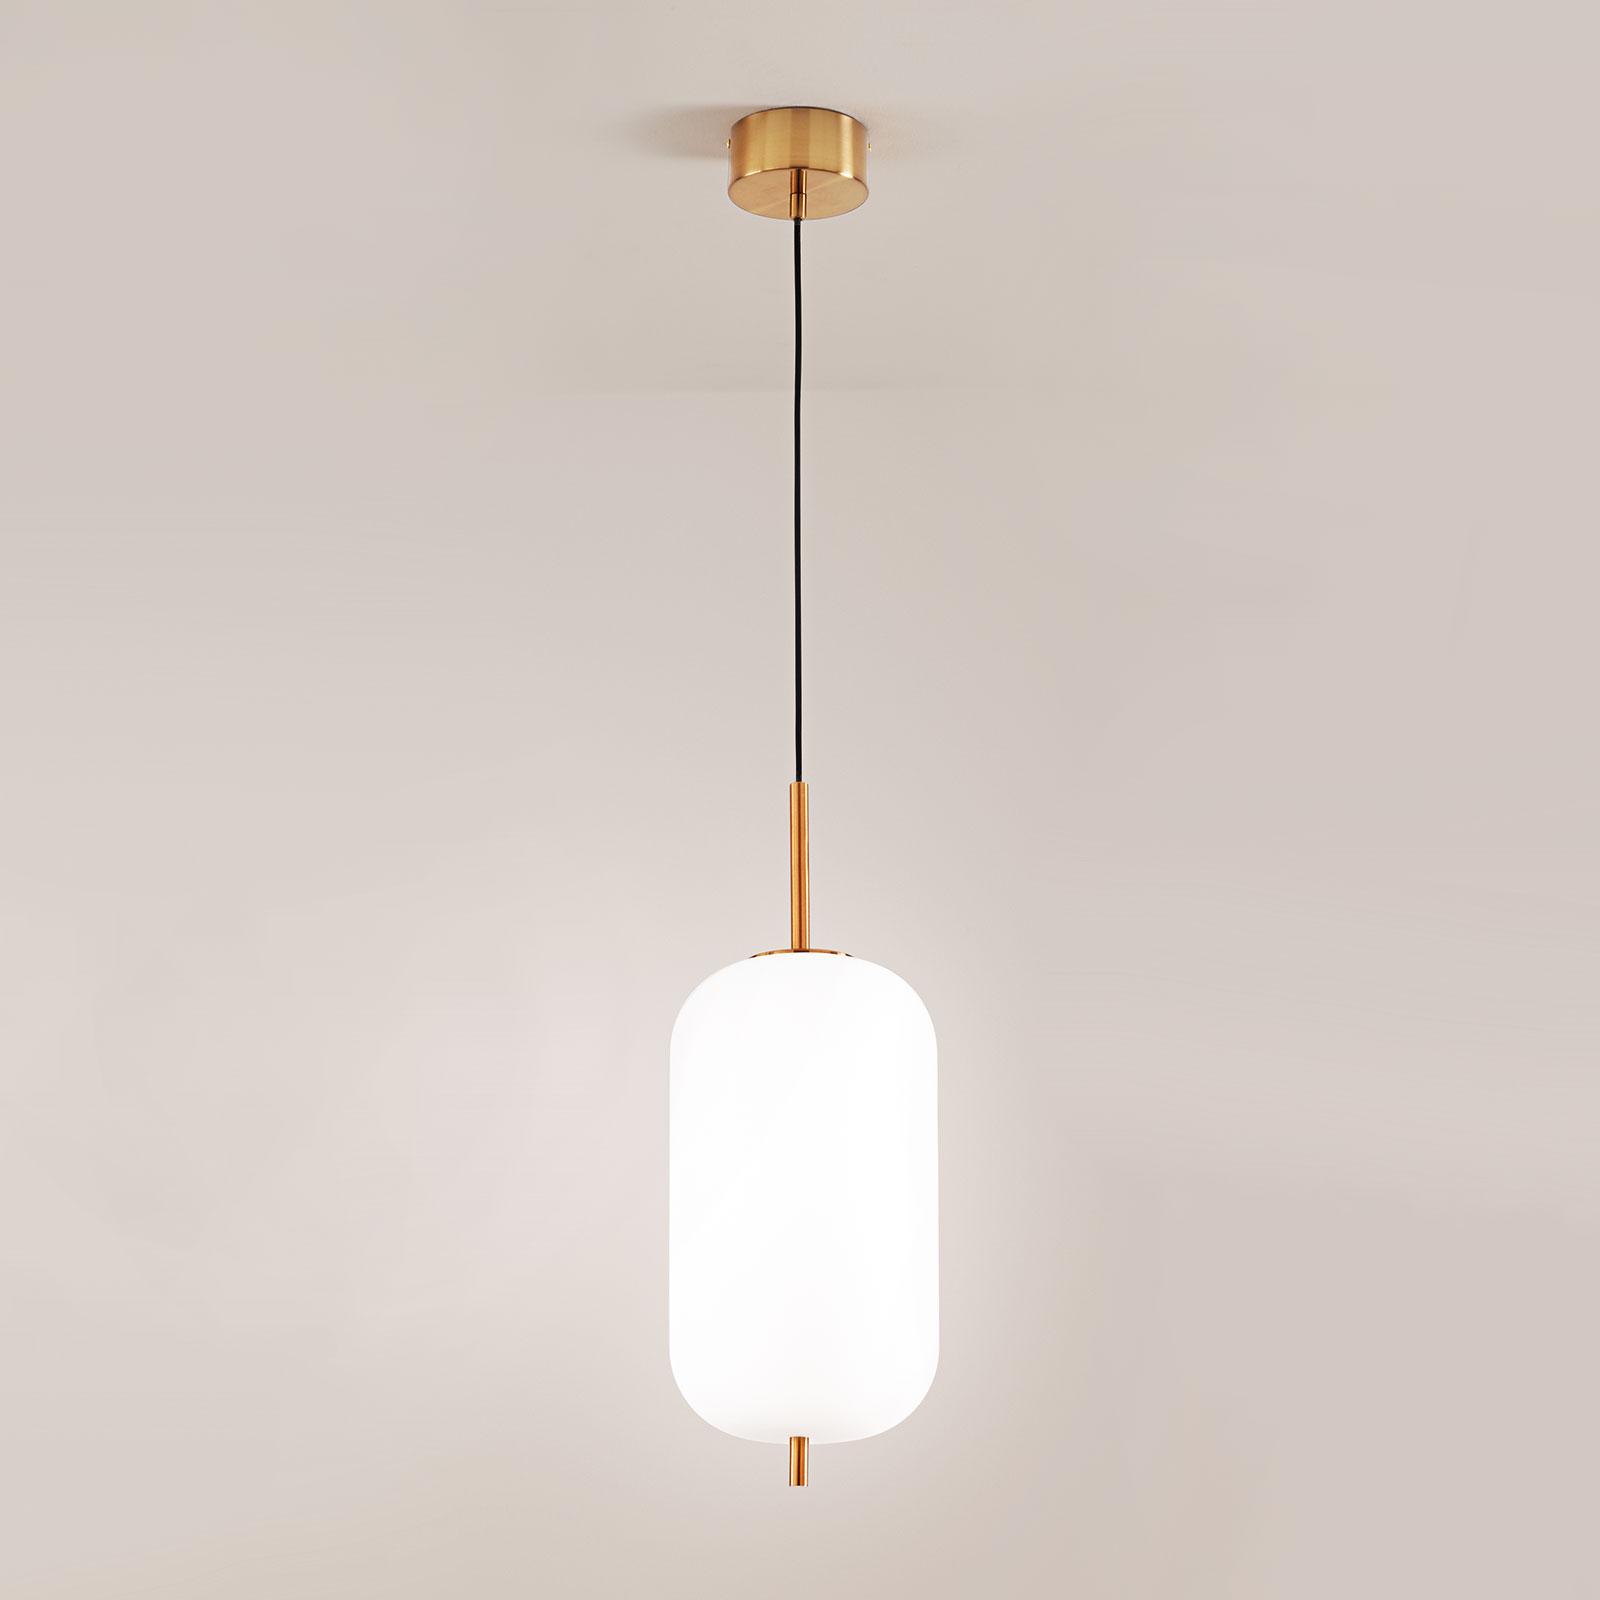 Suspension LED Cirro Ø 22cm